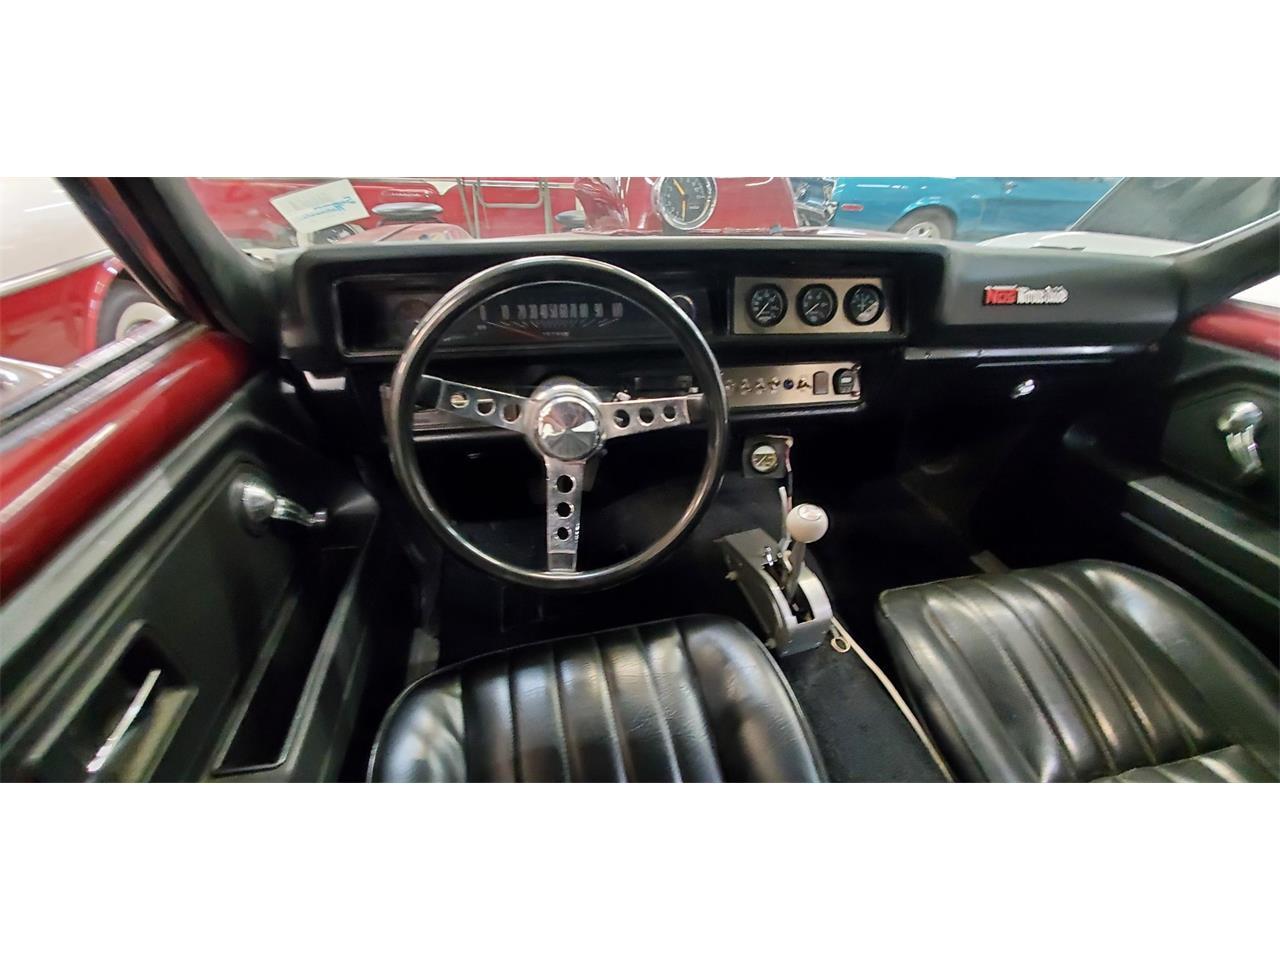 1974 Chevrolet Vega (CC-1357995) for sale in Annandale, Minnesota